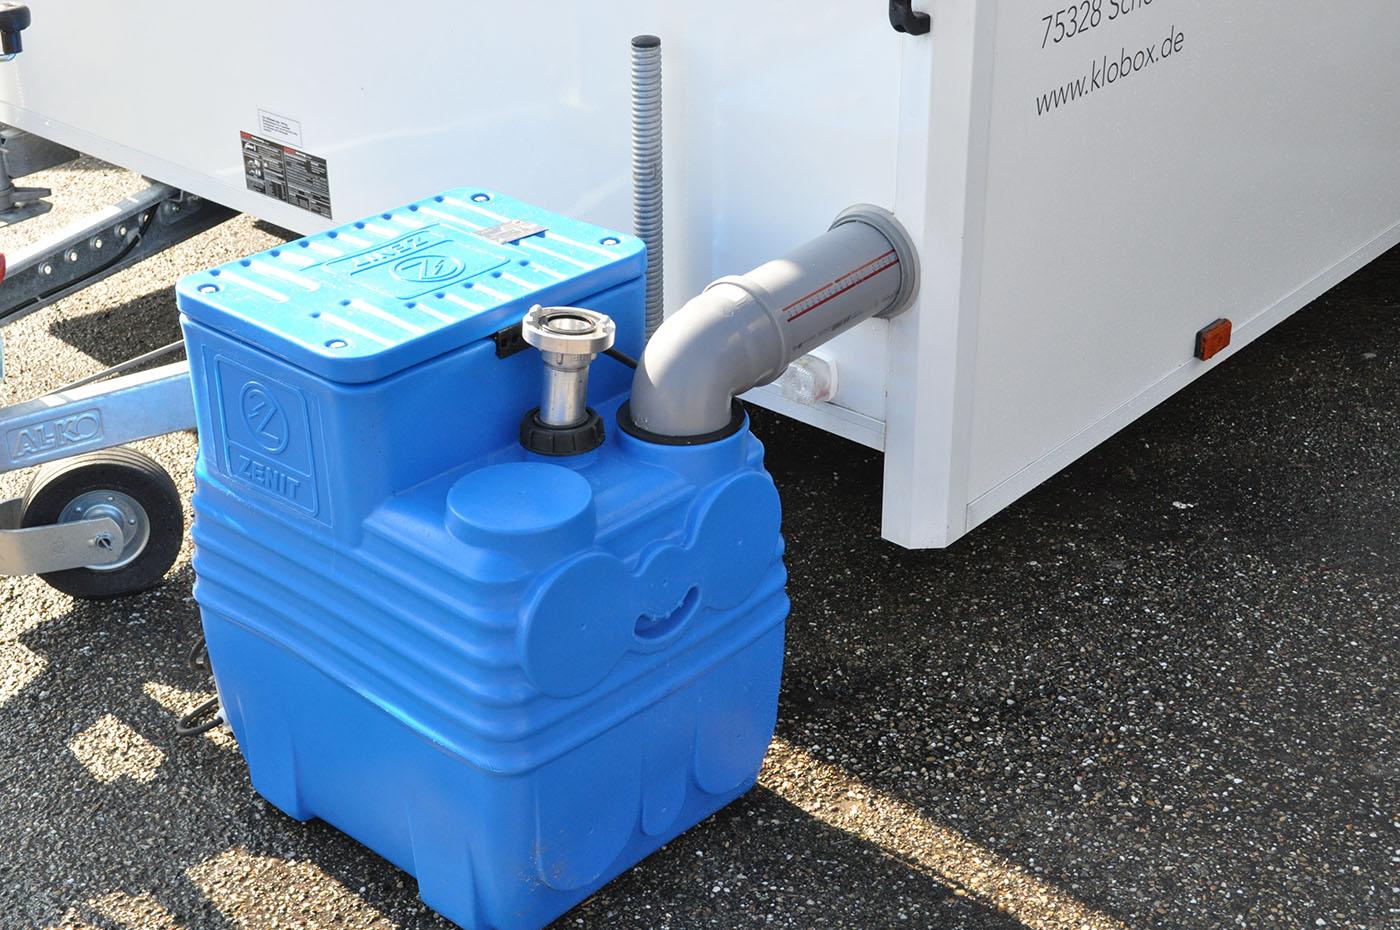 Abwasserbox - klobox.de